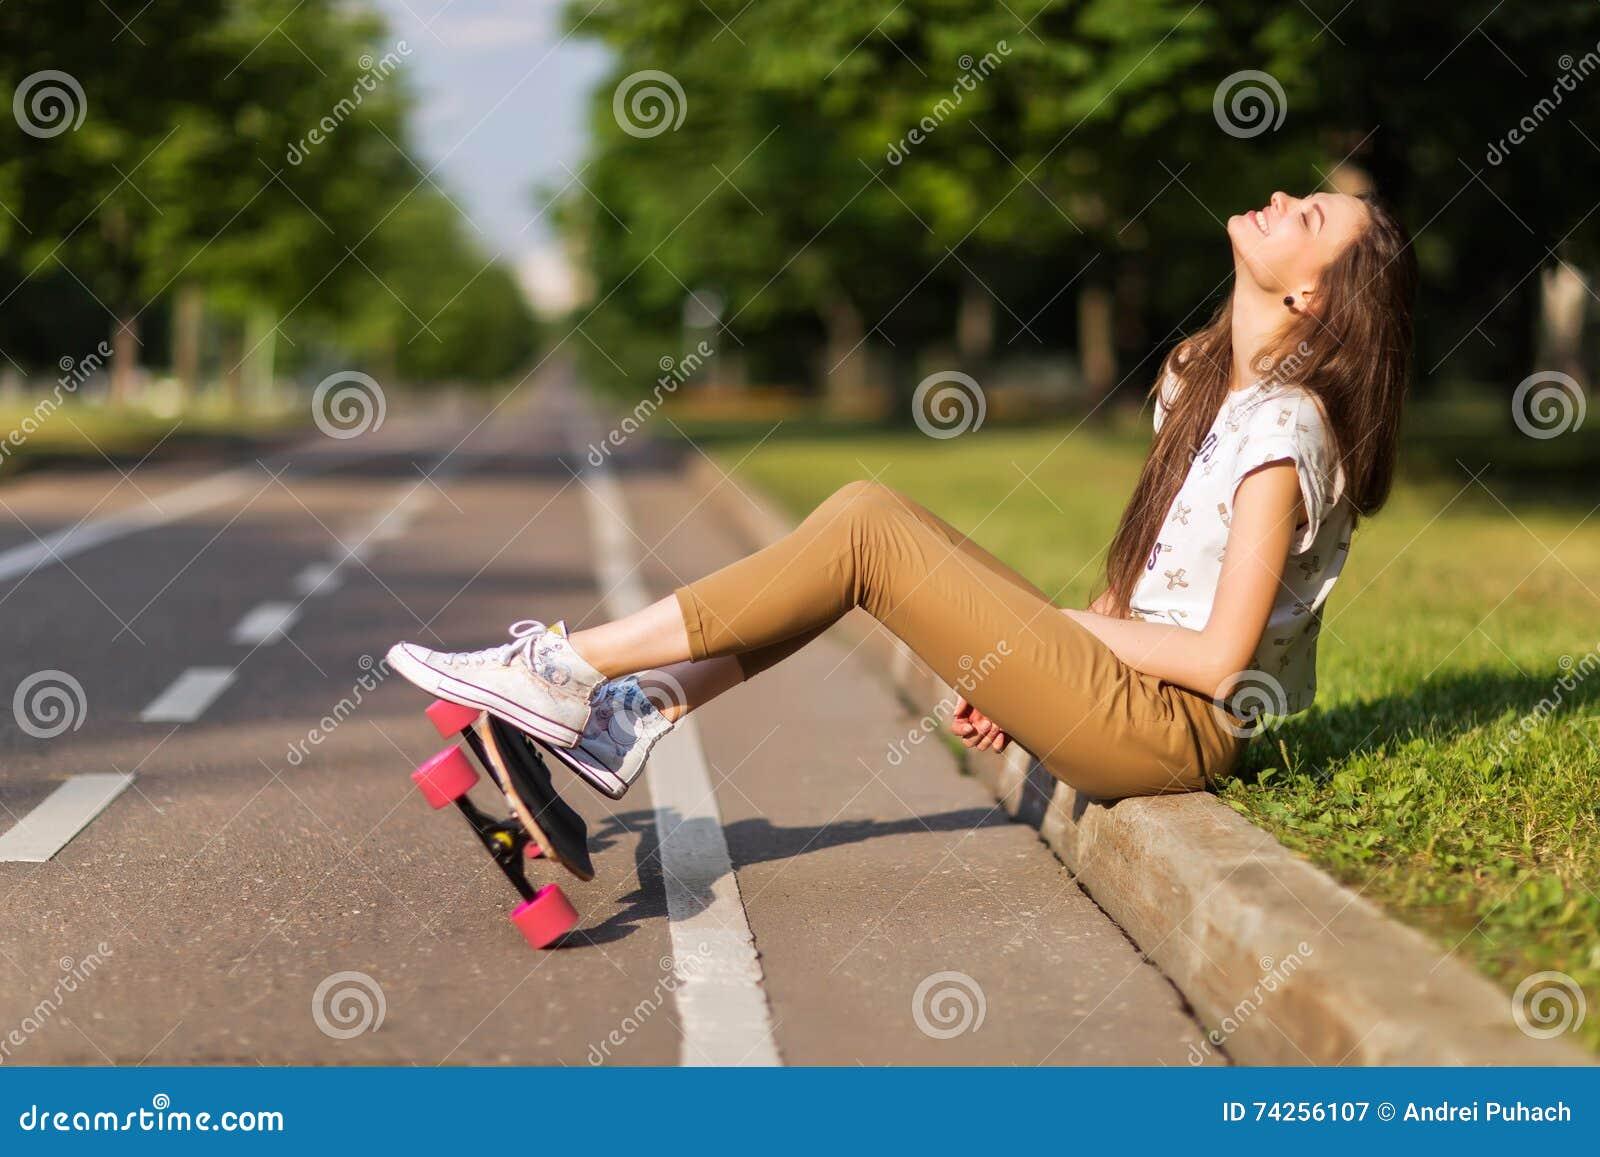 Piękni młoda dziewczyna modnisia sneakers koszulka i spodnia stawiają dalej sneakers i longboard szczęśliwych _ lifestyle